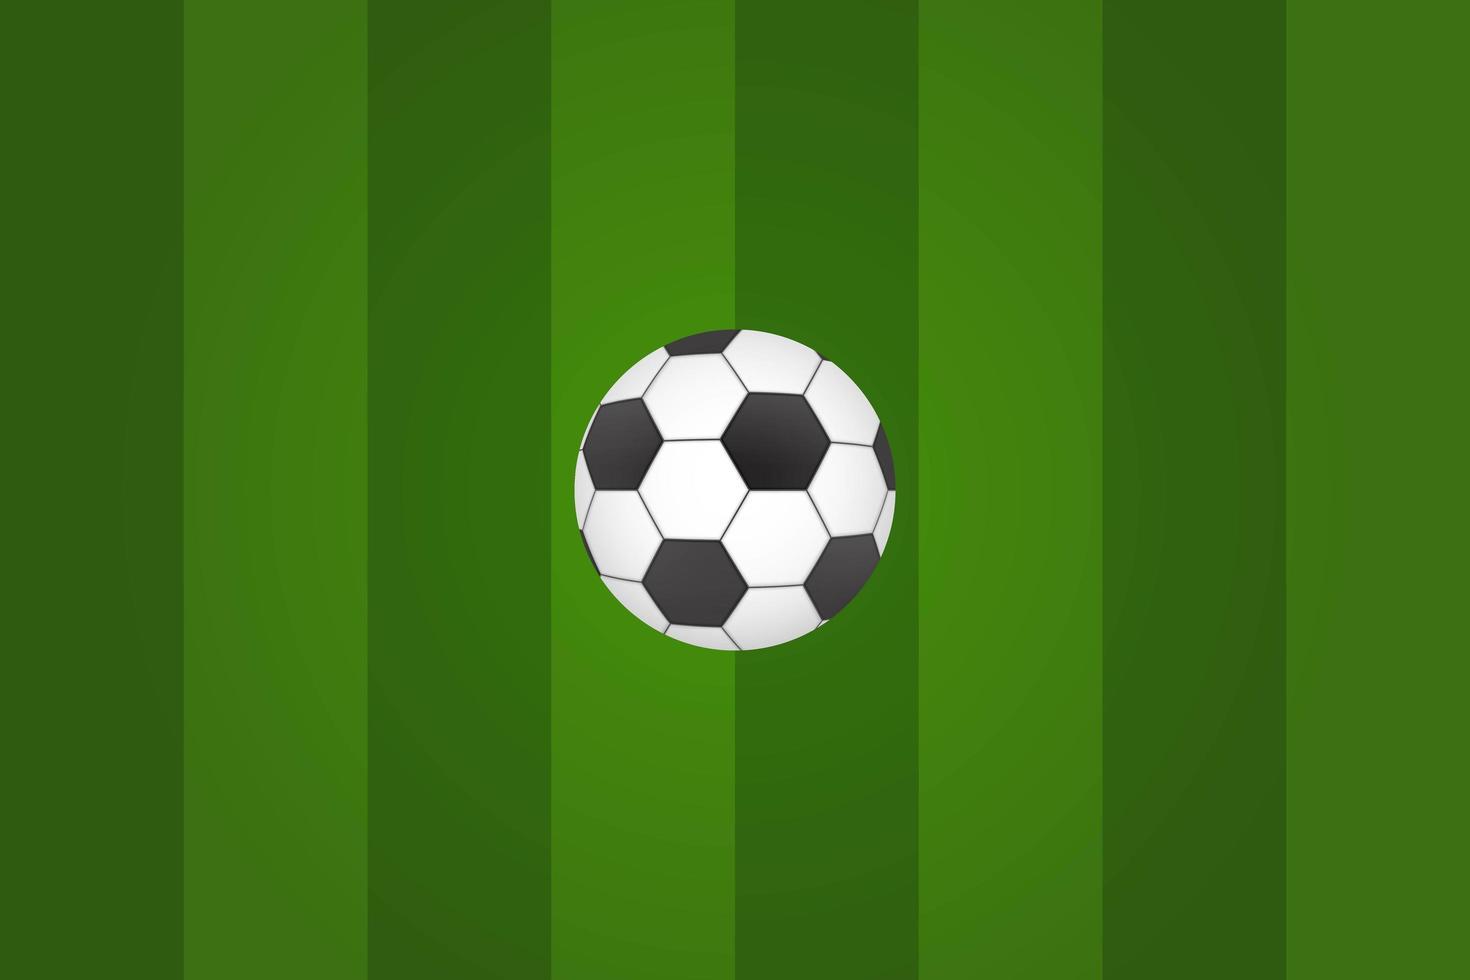 bola de futebol na grama verde vetor